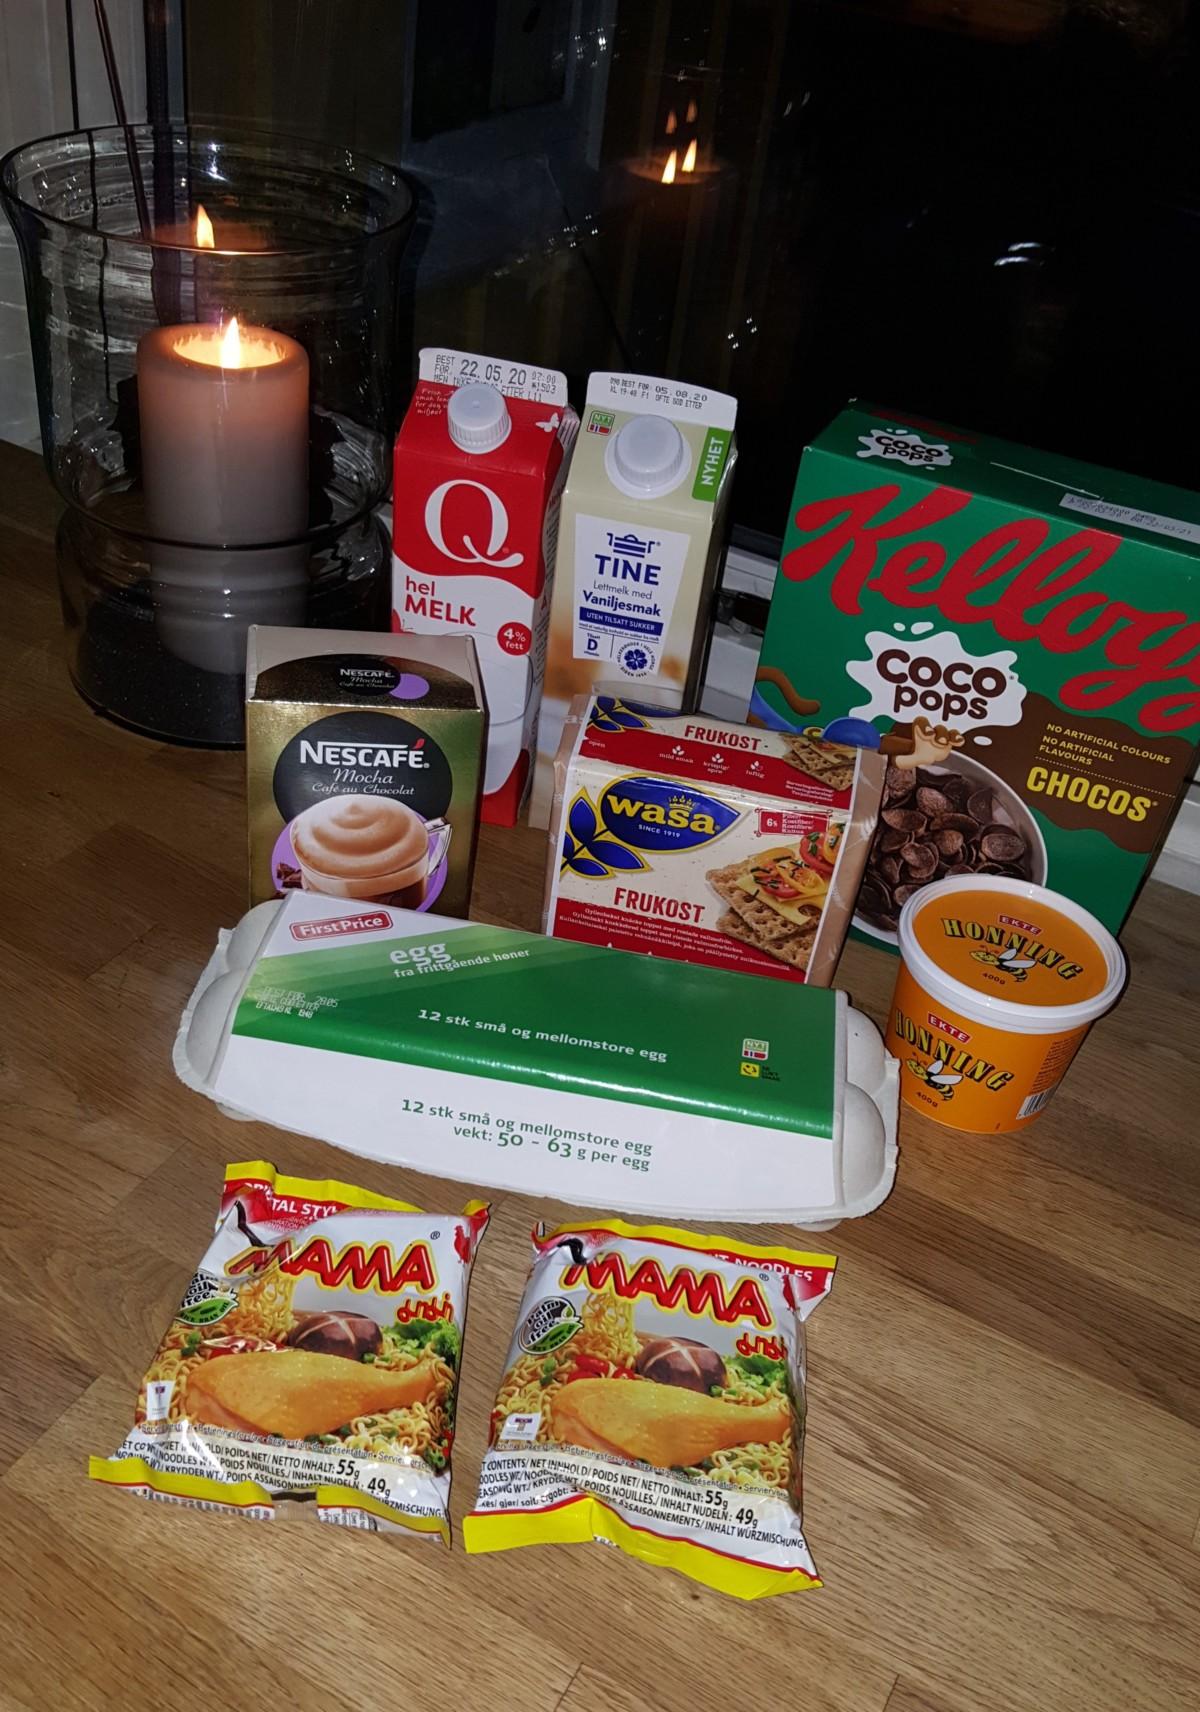 mathandel-newin-innkjøp-kjøp-shopping-matshopping-matinnkjøp-mat-handling-handel-laks-saft-middag-godteri-bloggno-blogg-isalicious-blogger-blogging